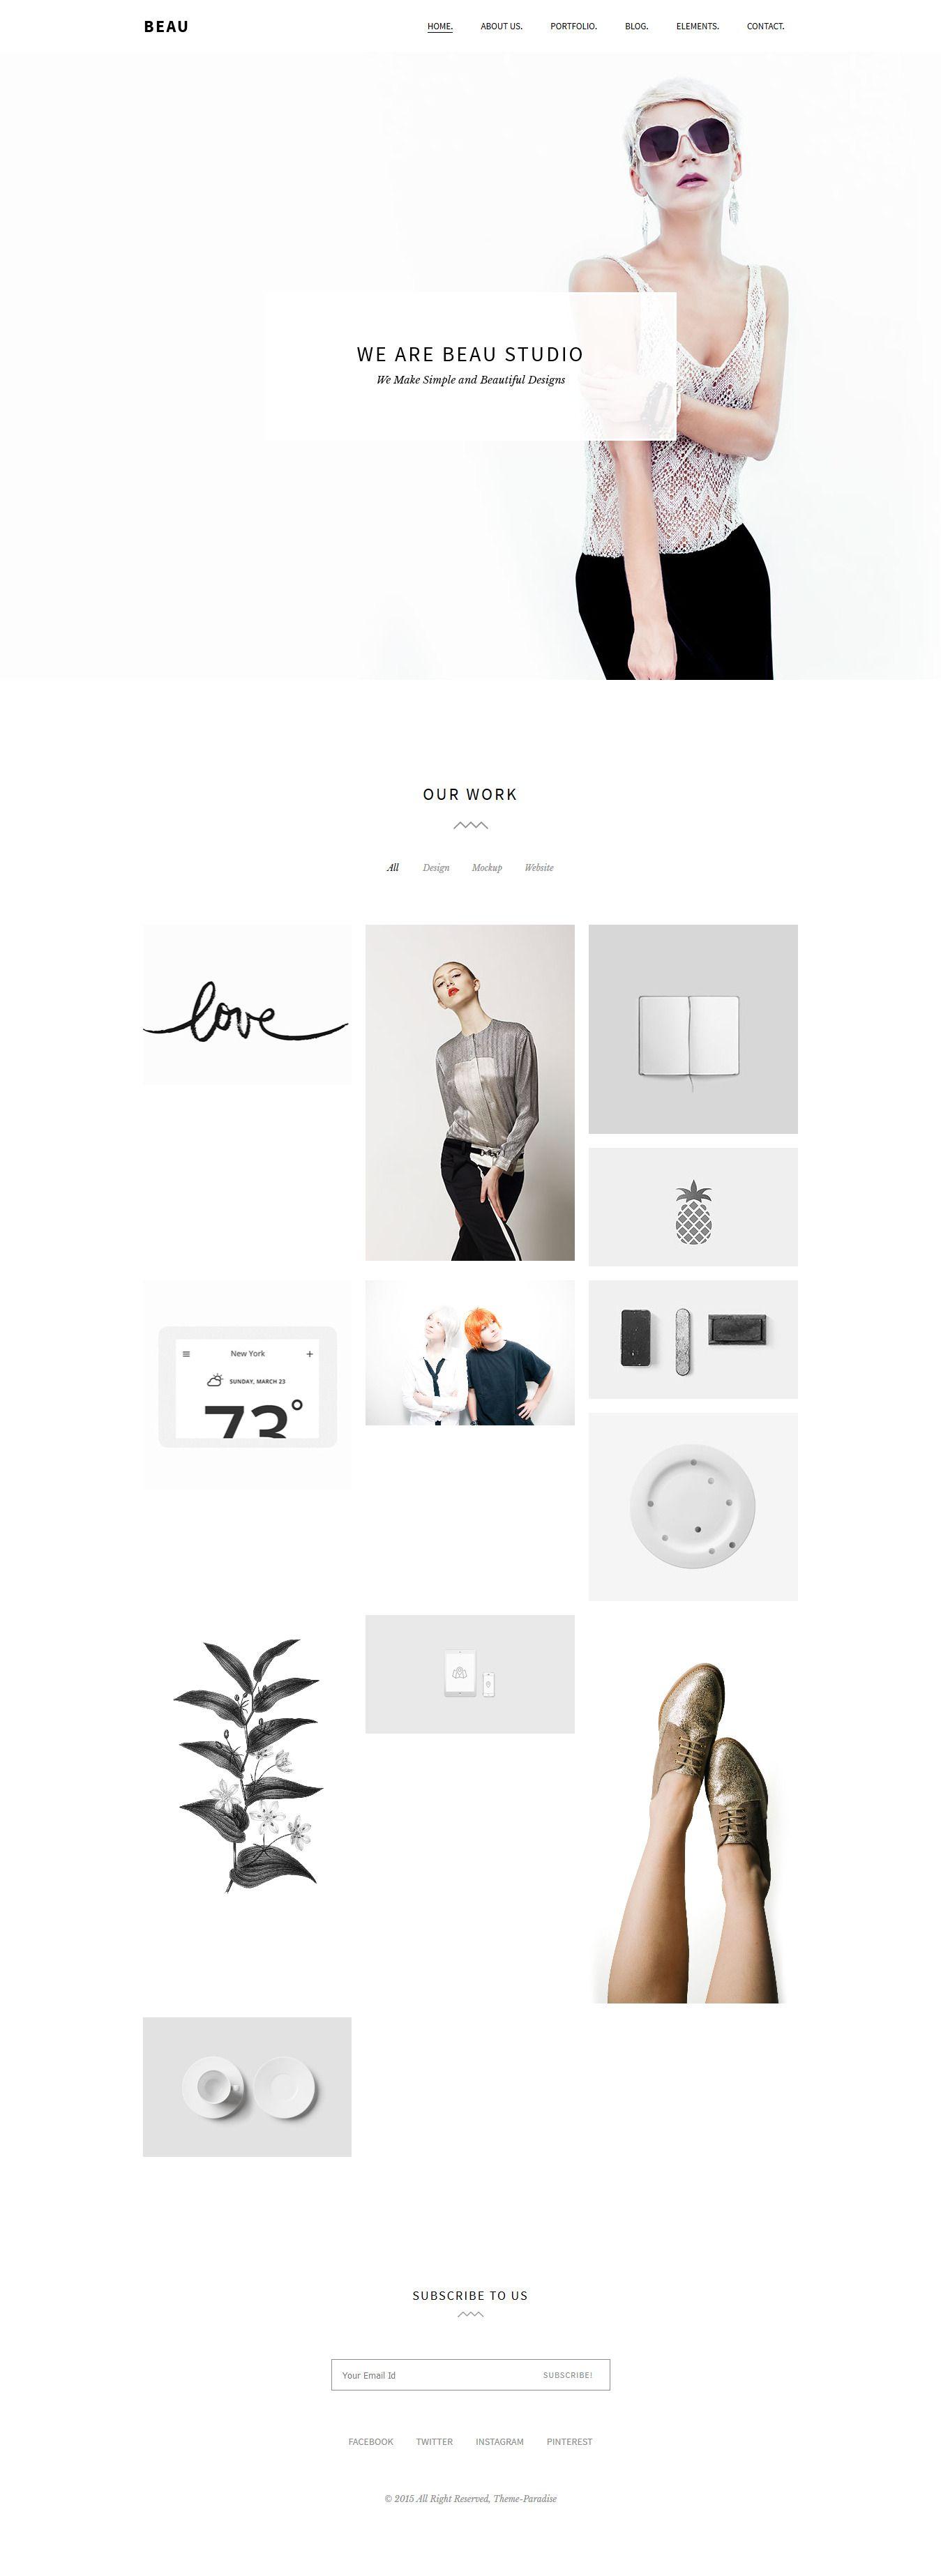 Beau - Minimal Portfolio/Agency WordPress Theme | Satzspiegel ...